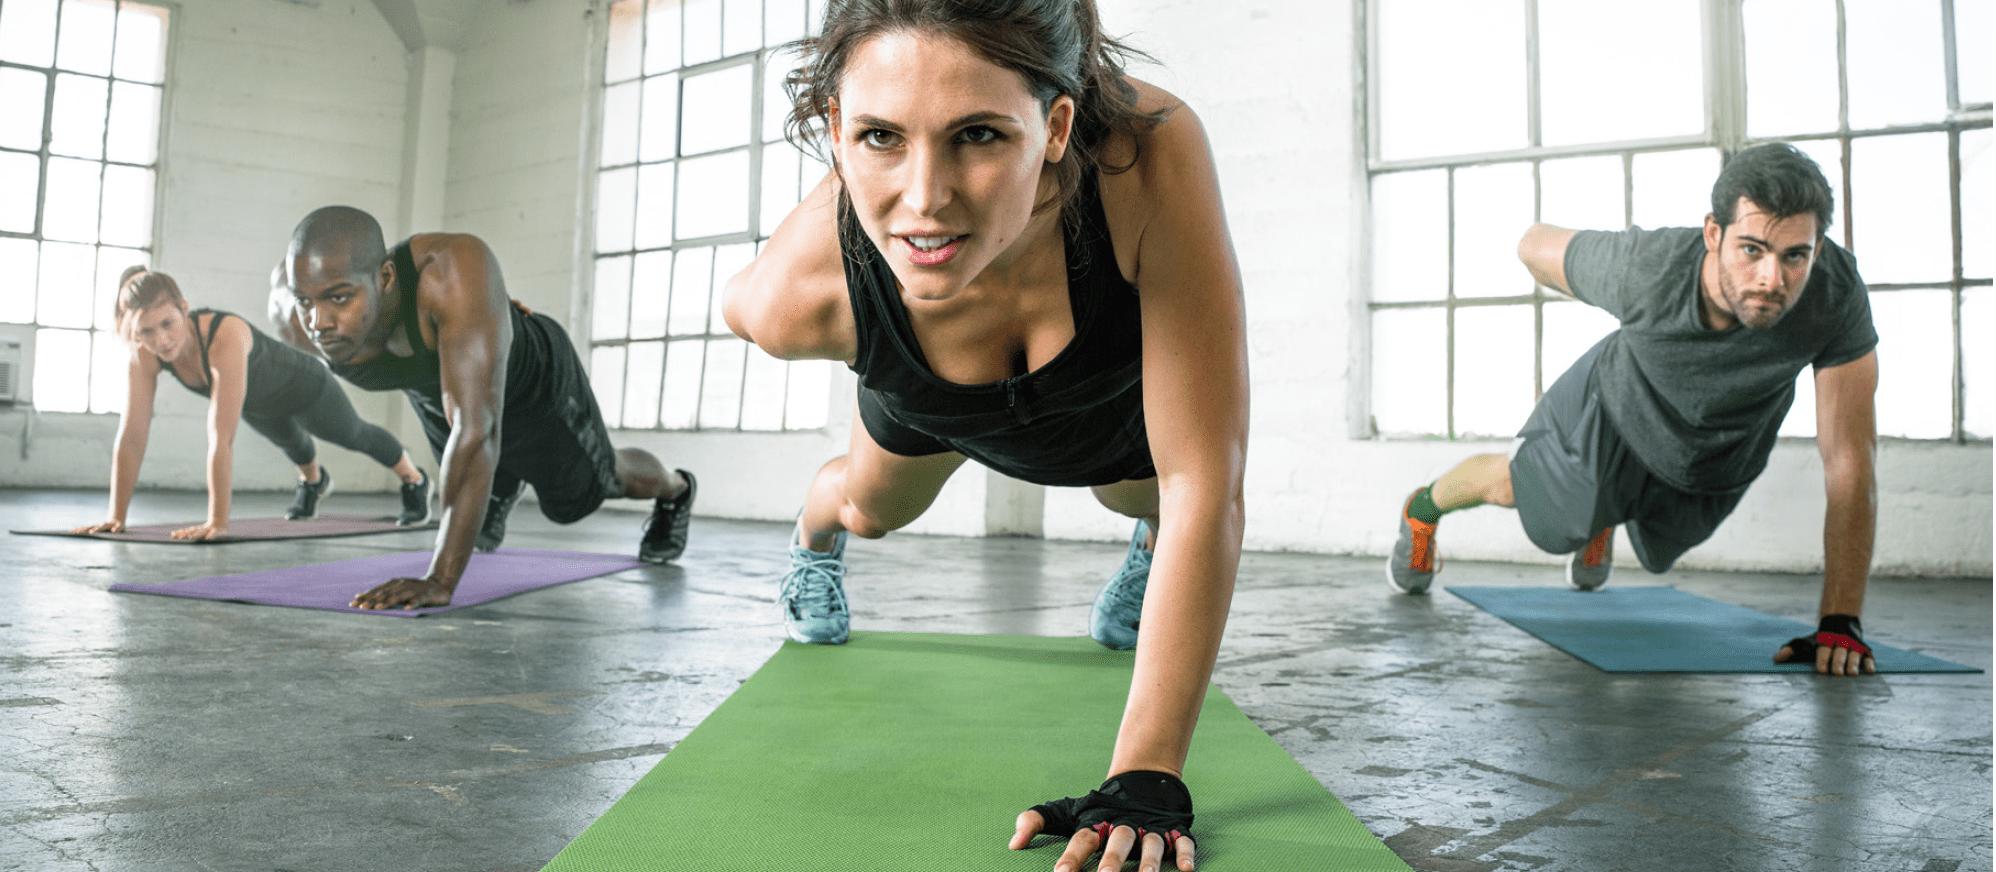 4 Ratschläge für deinen Fitnessclub/Studio!